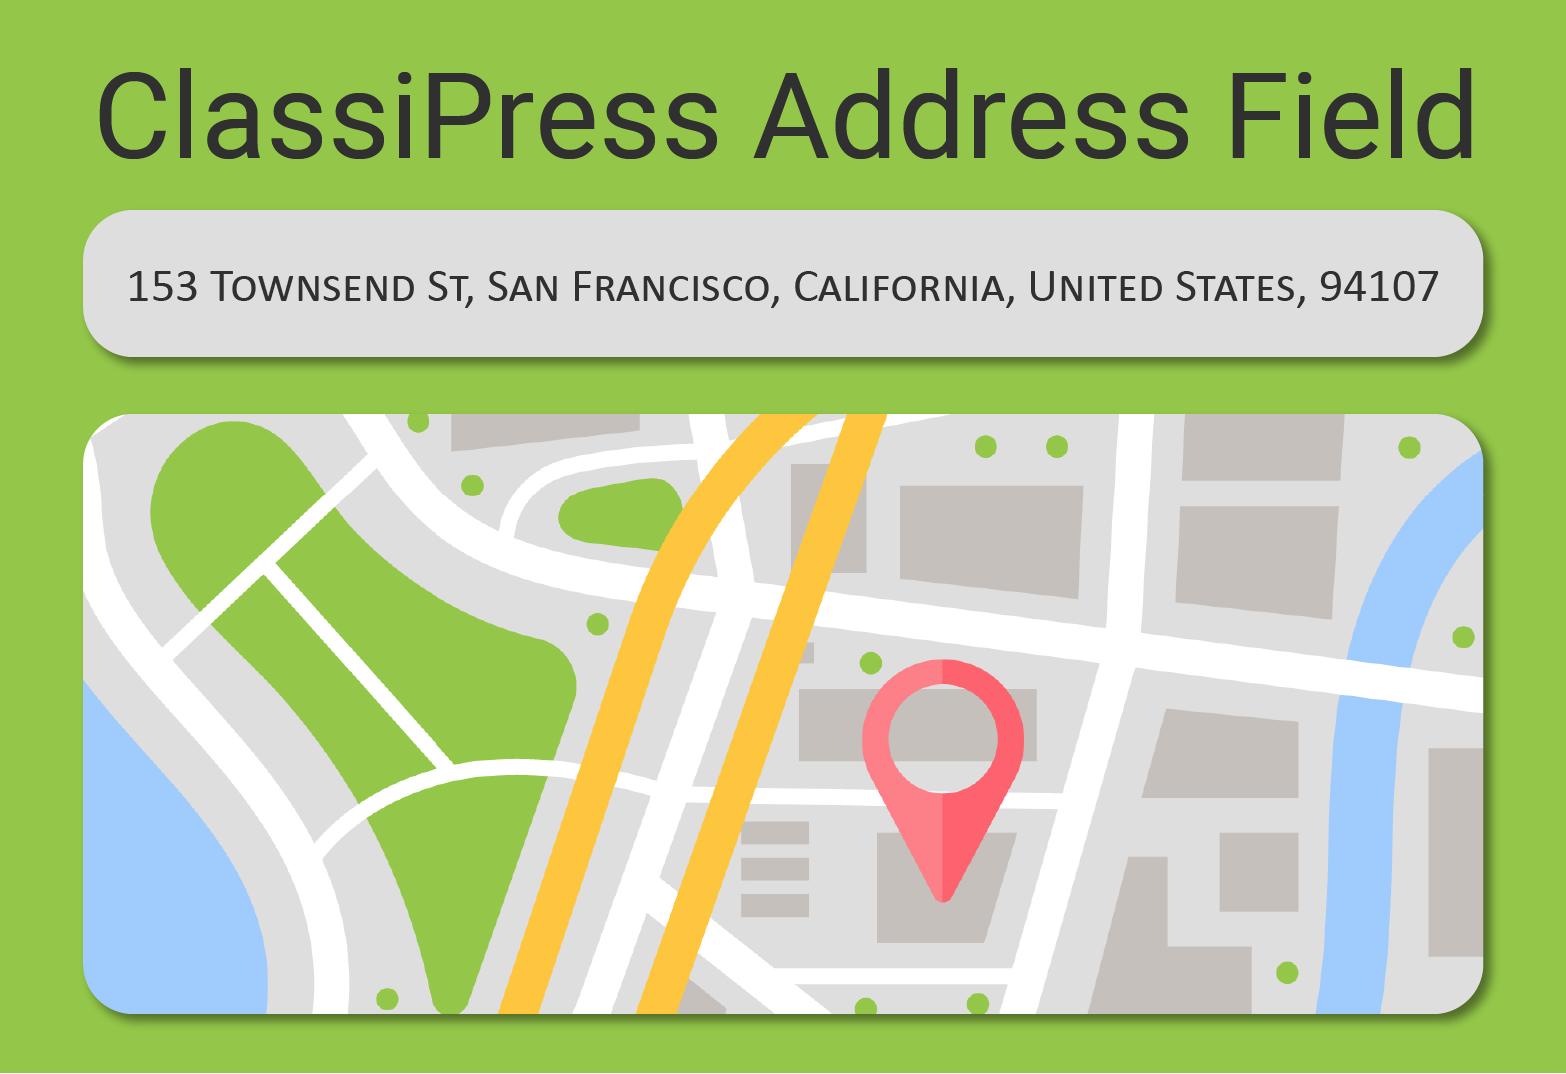 ClassiPress address field